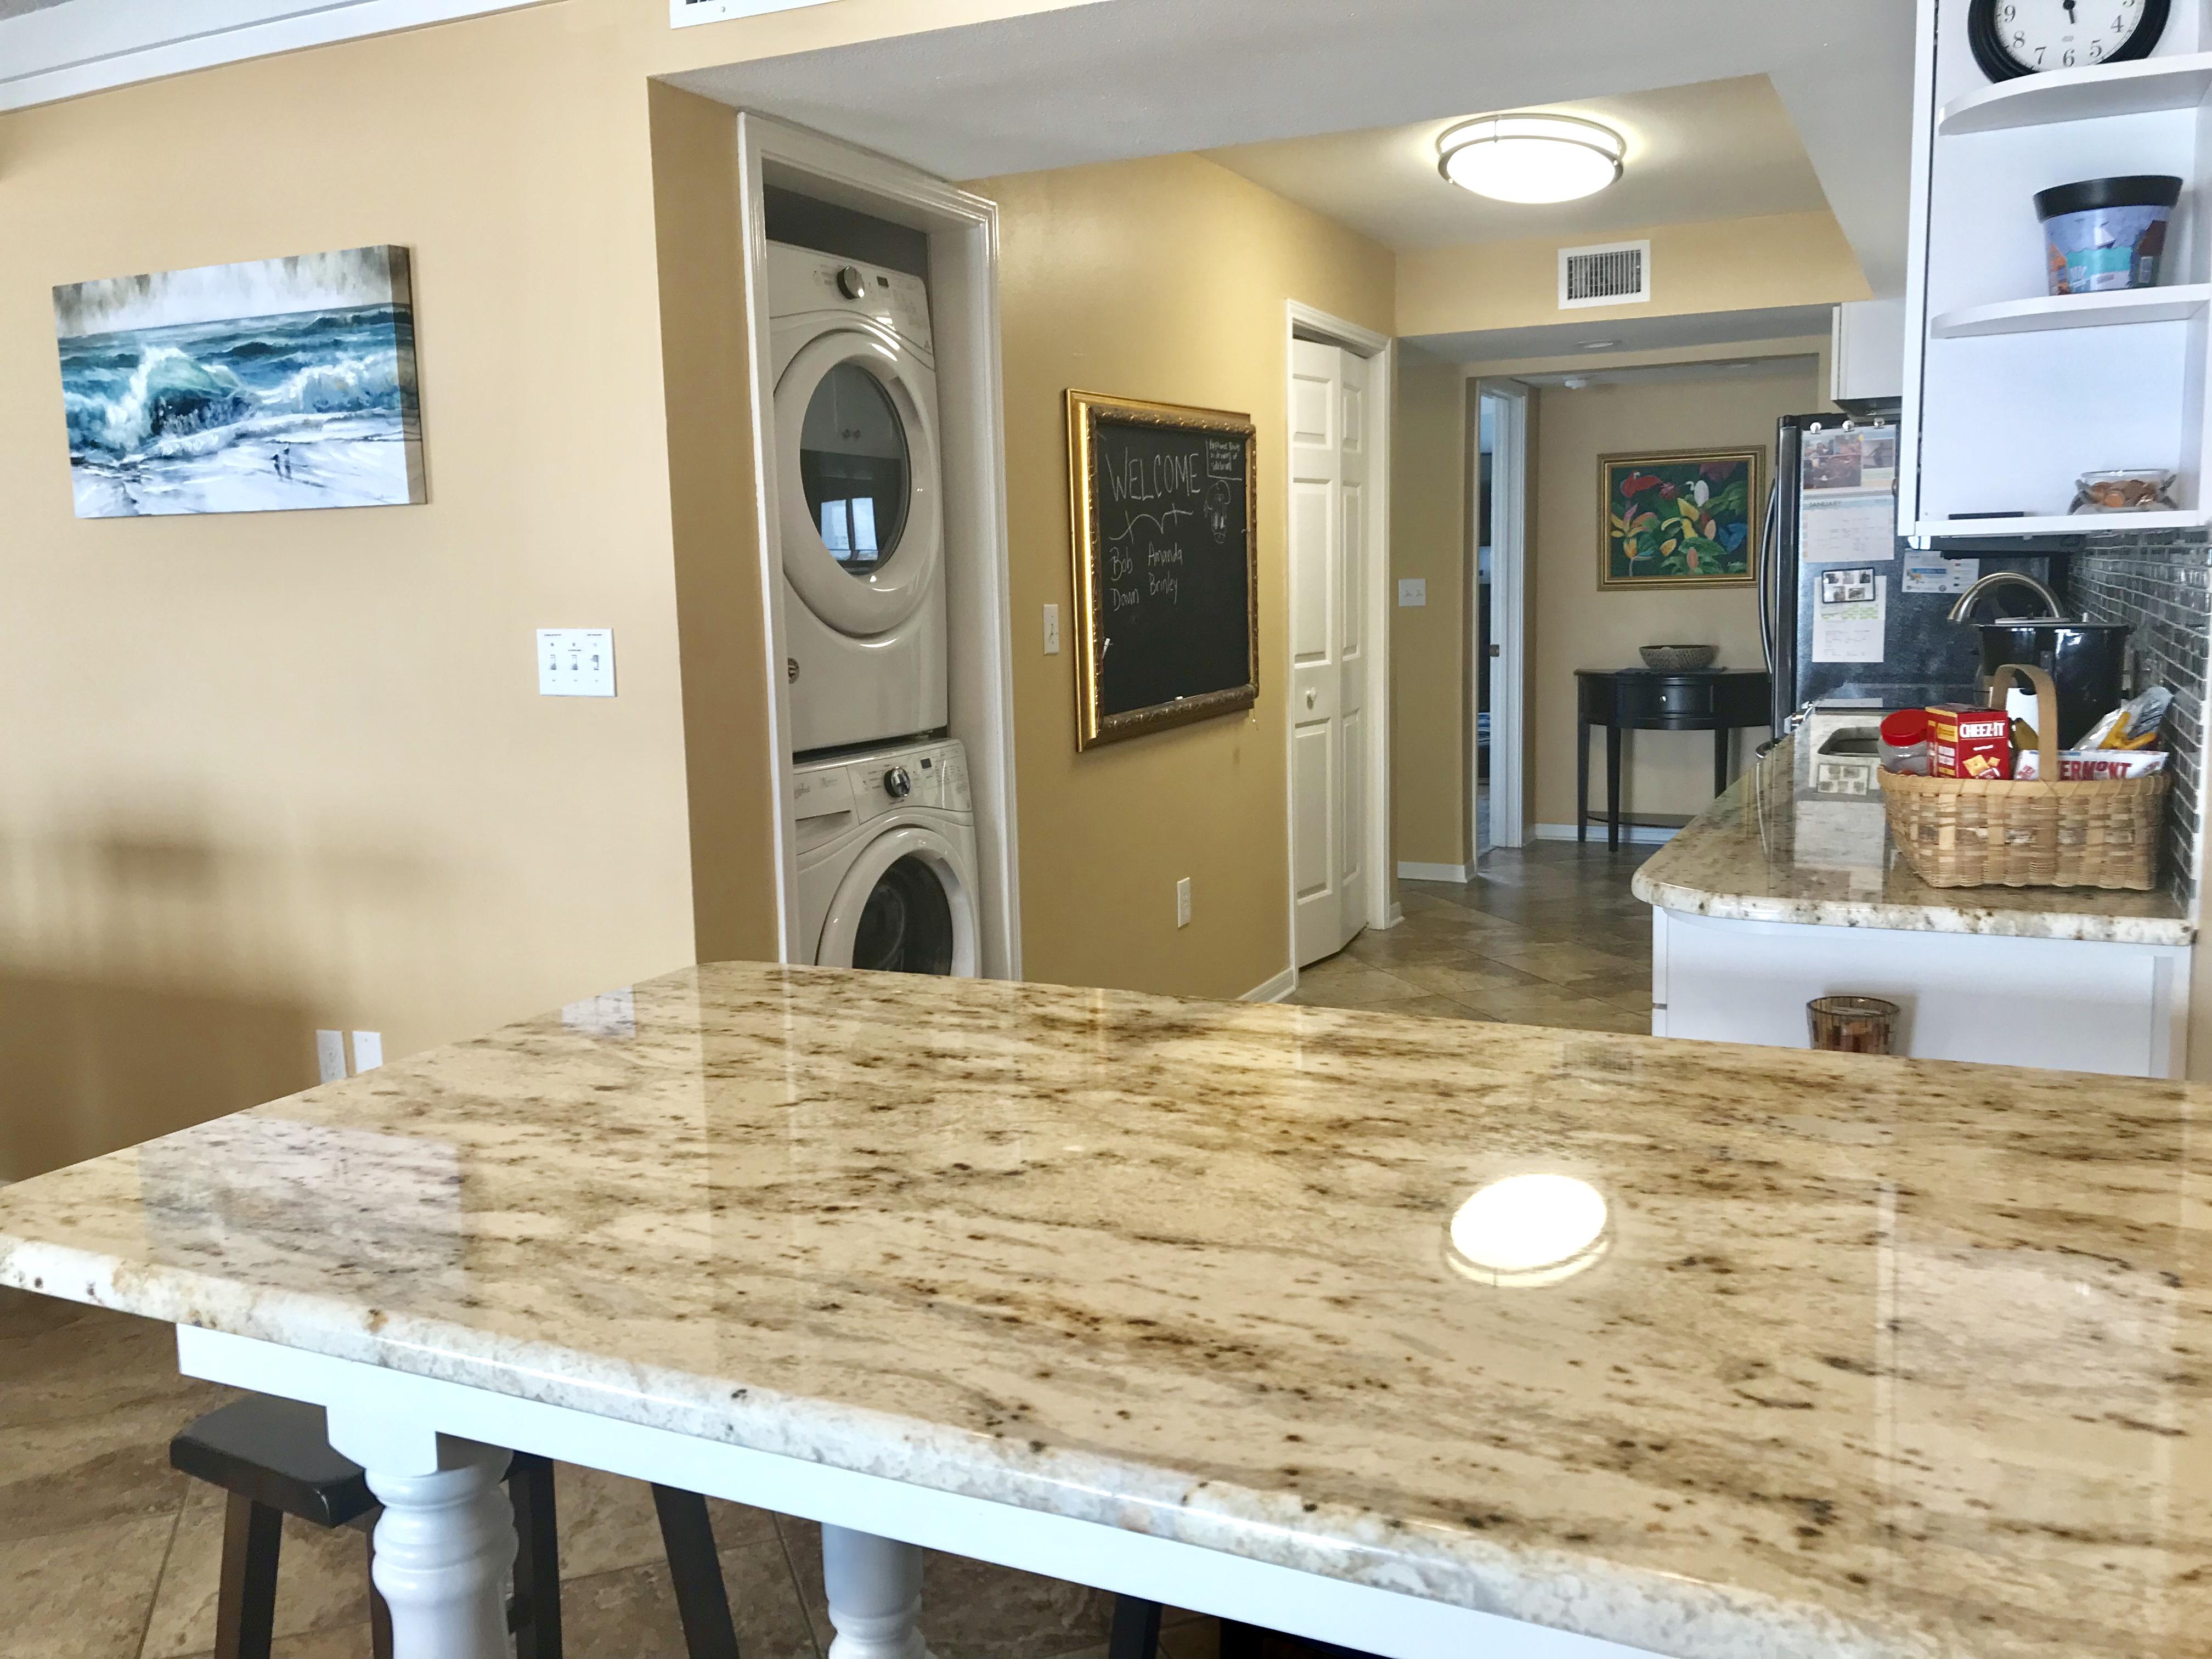 Ocean House 2606 Condo rental in Ocean House - Gulf Shores in Gulf Shores Alabama - #16